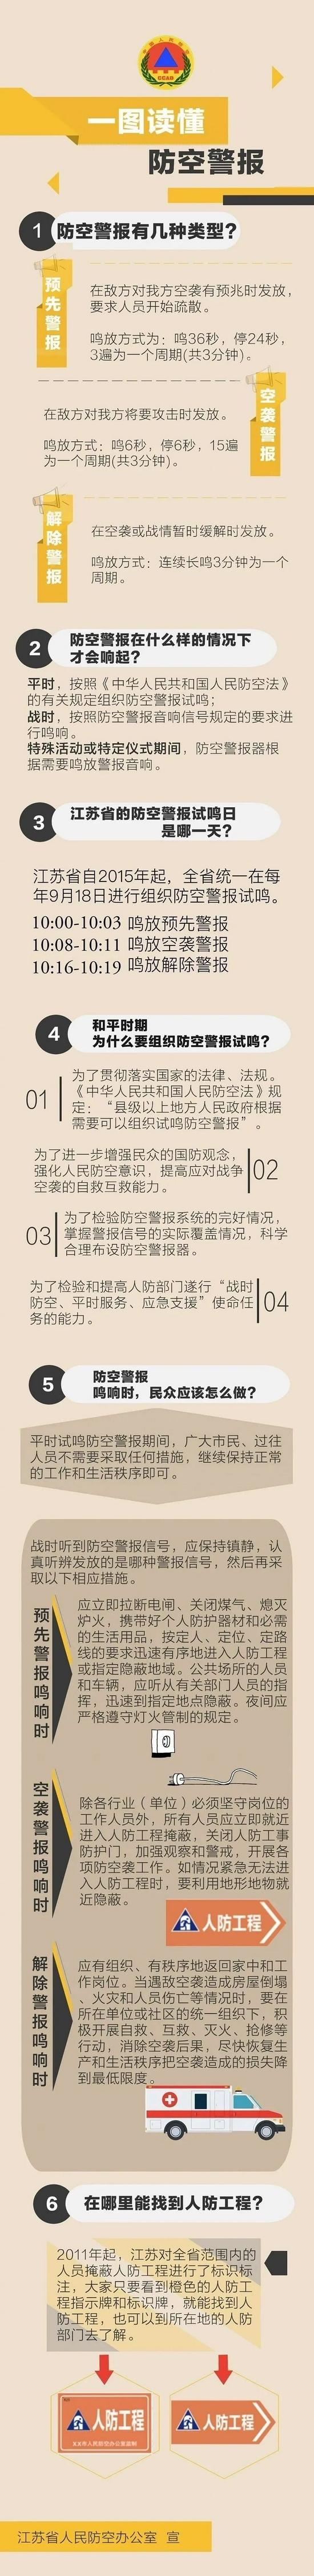 江苏省人防办:9月18日 全省统一试鸣防空警报